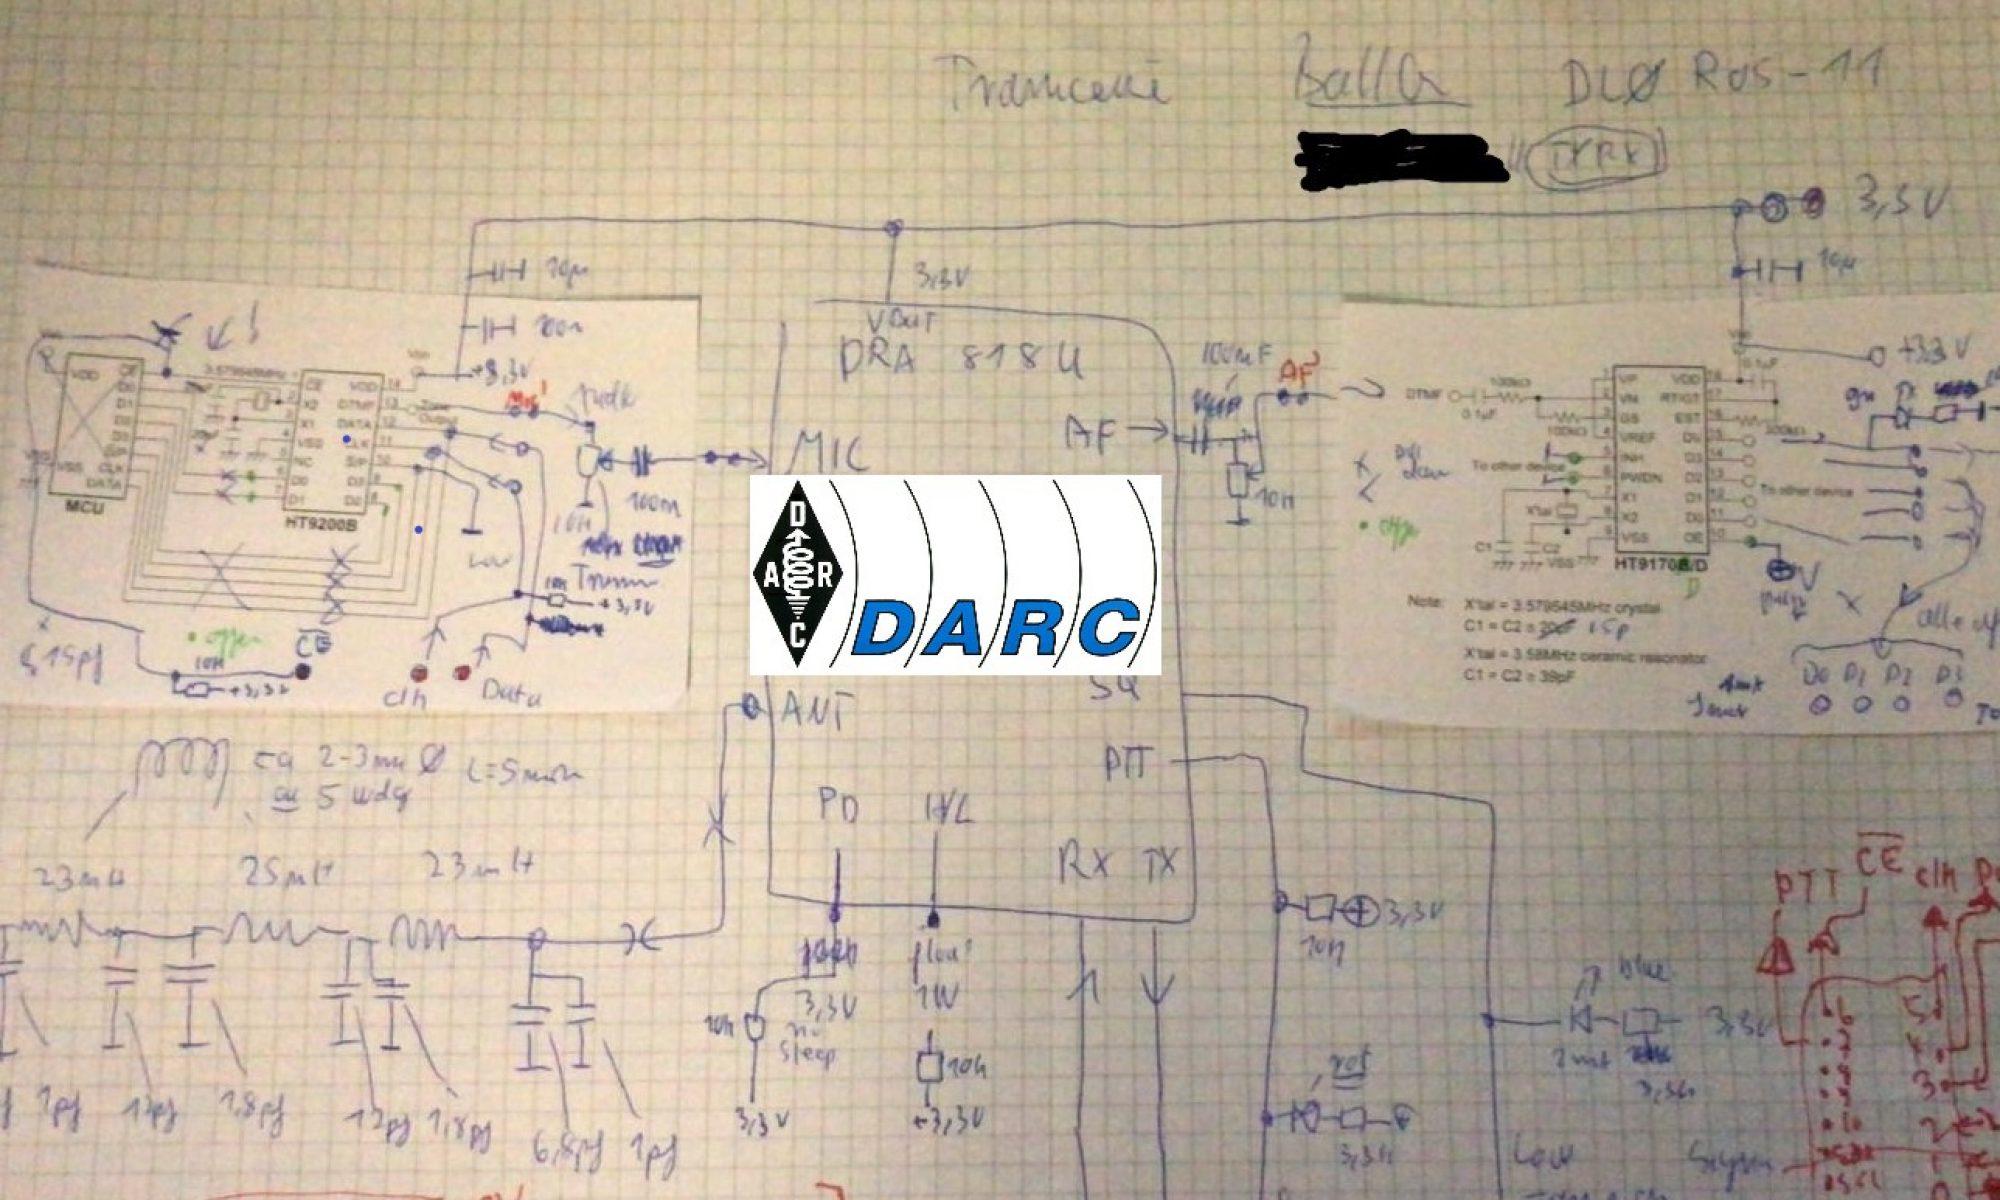 DARC OV C14